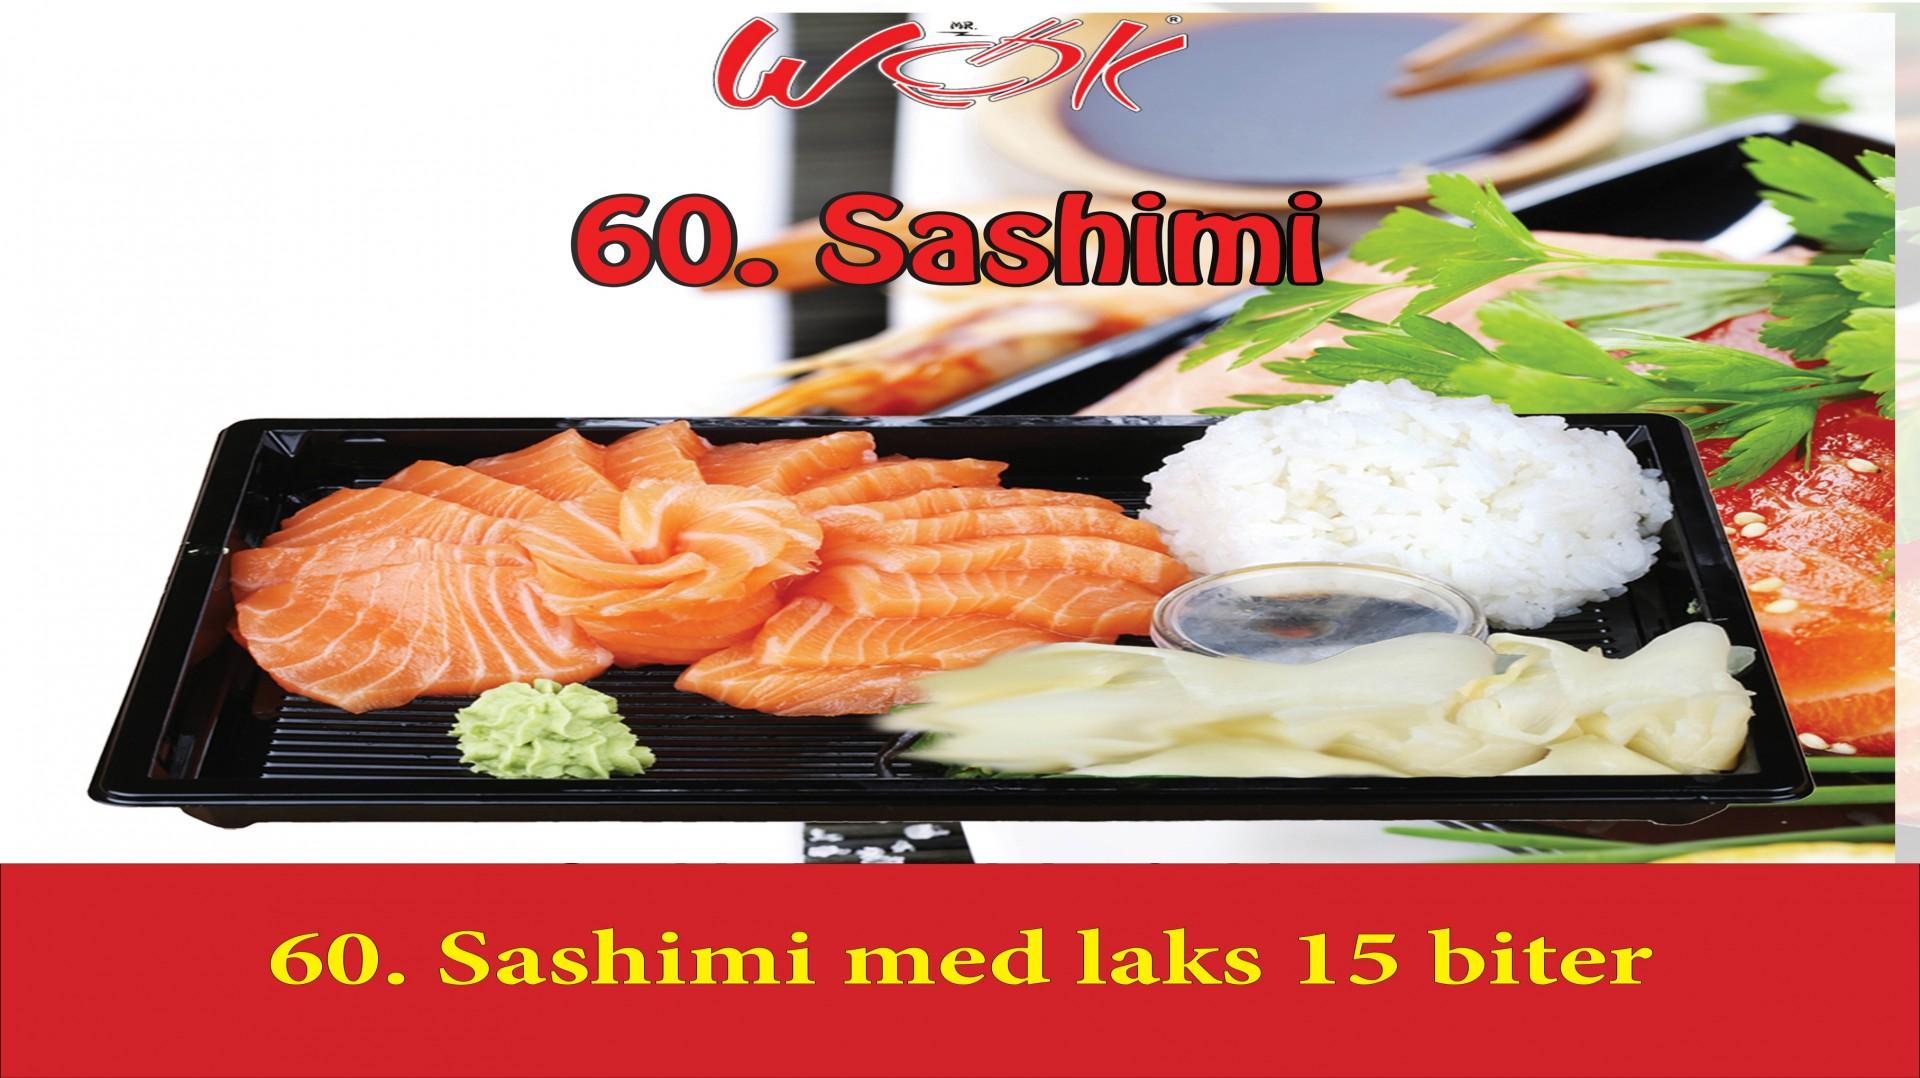 60_Sashimi 15_biter